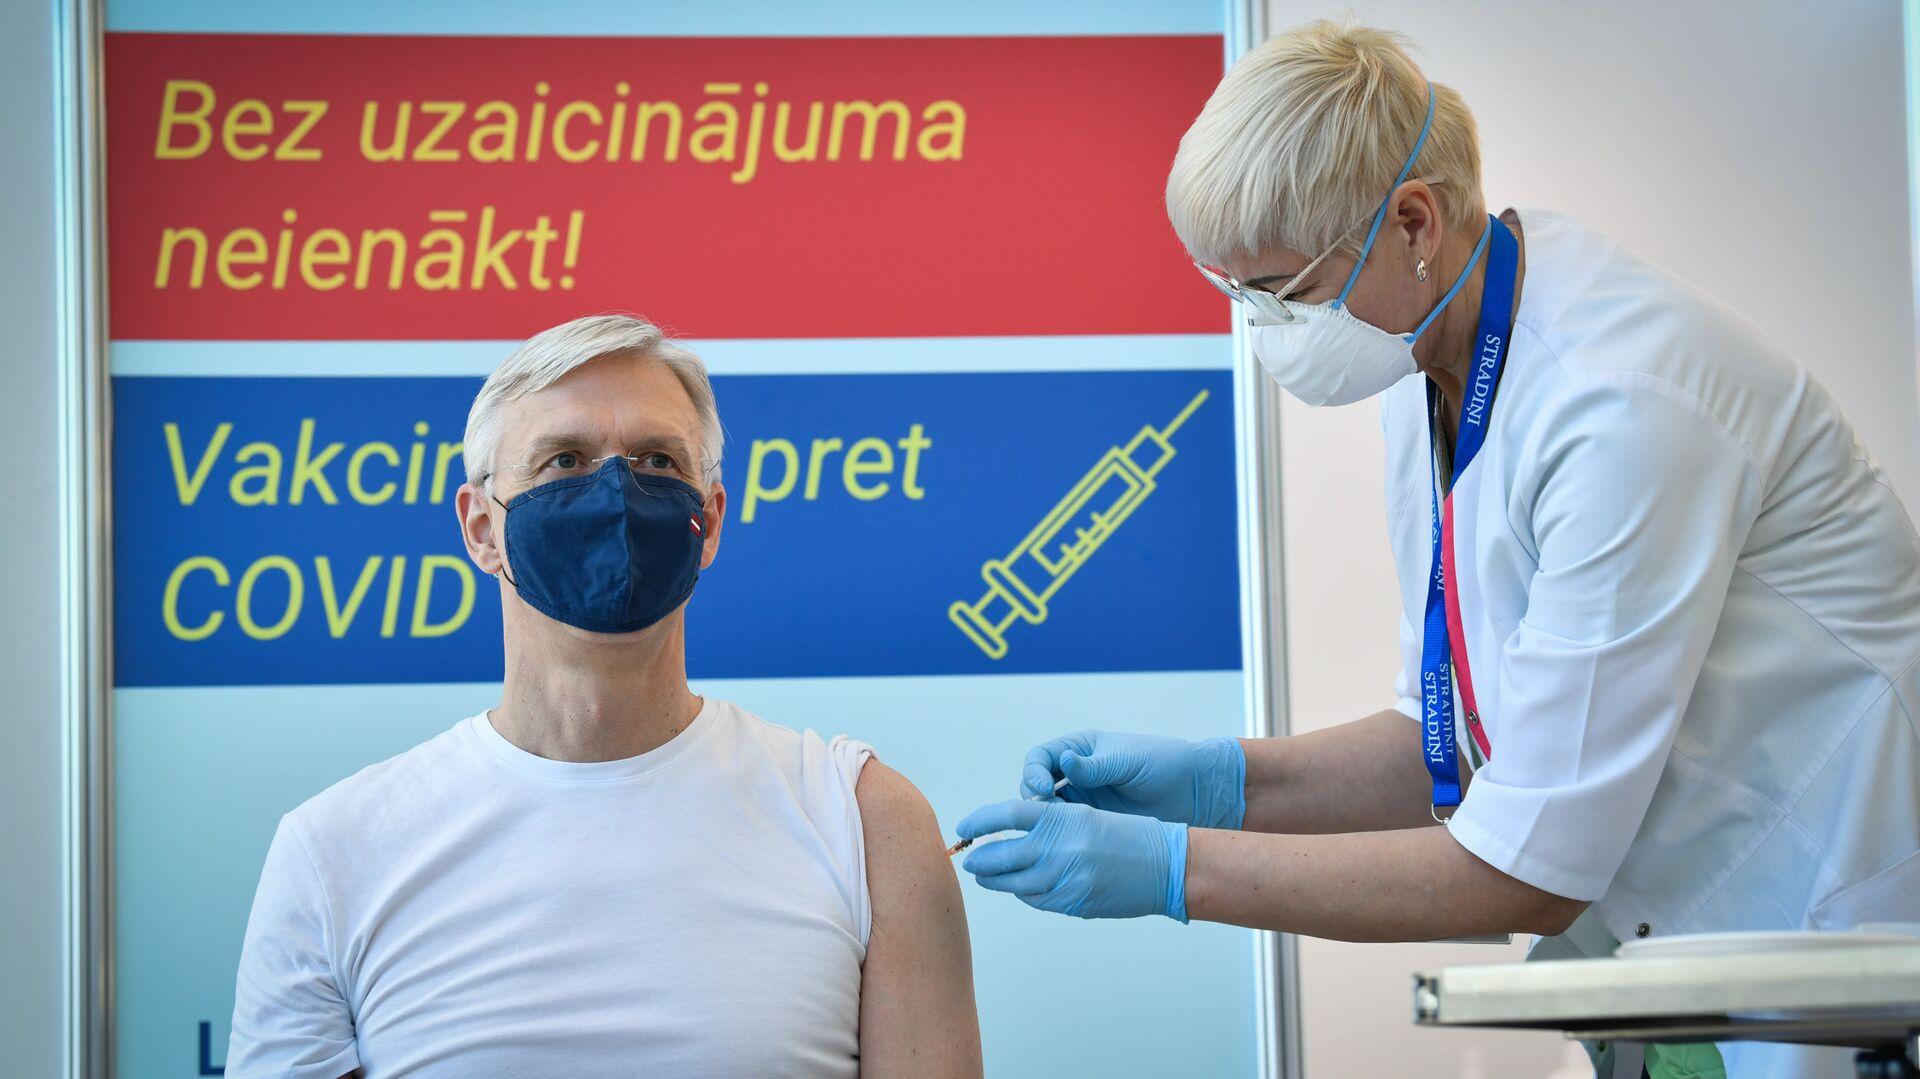 Премьер министр Латвии Кришьянис Кариньш в пункте вакцинации от COVID-19 - Sputnik Латвия, 1920, 23.06.2021